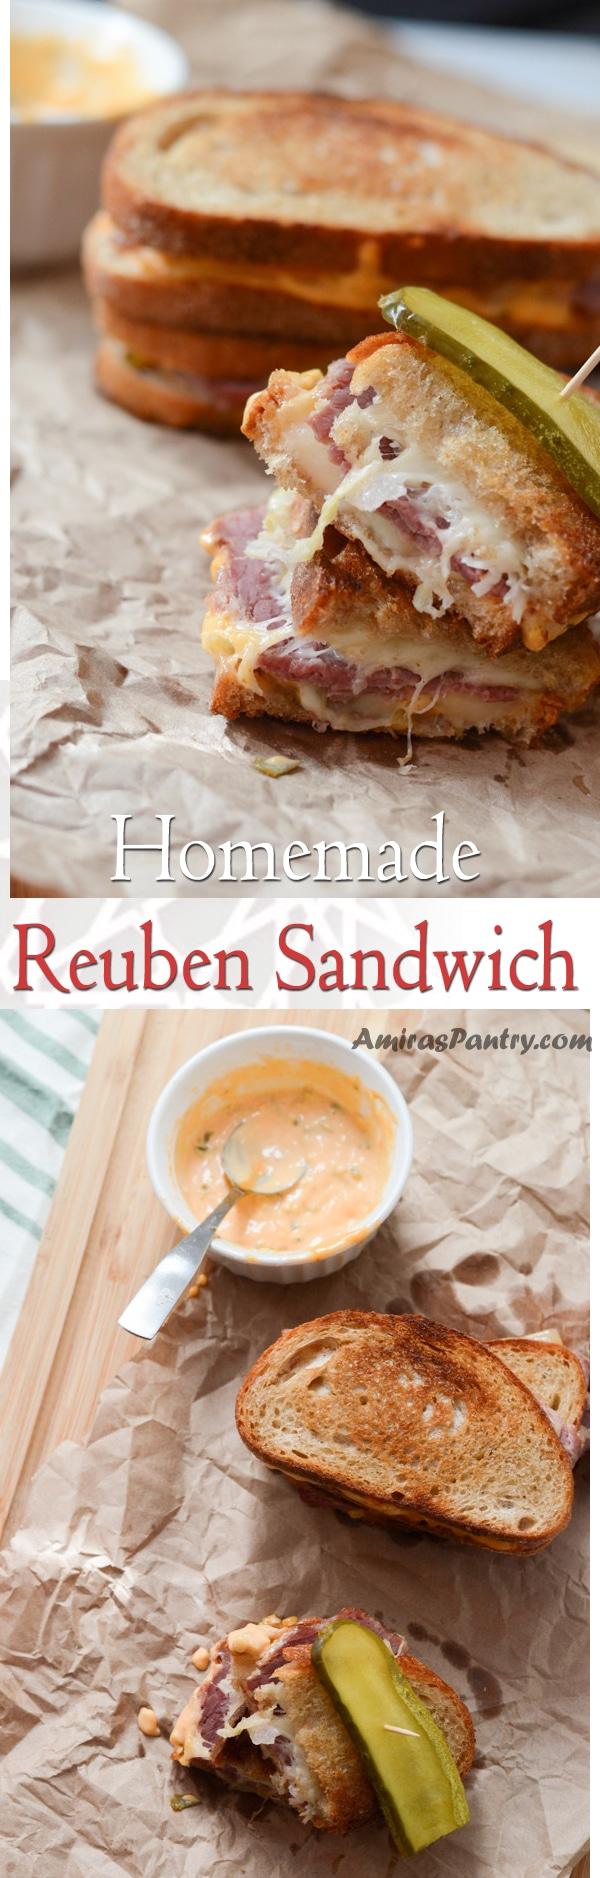 An infograph for Reuben Sandwich recipe